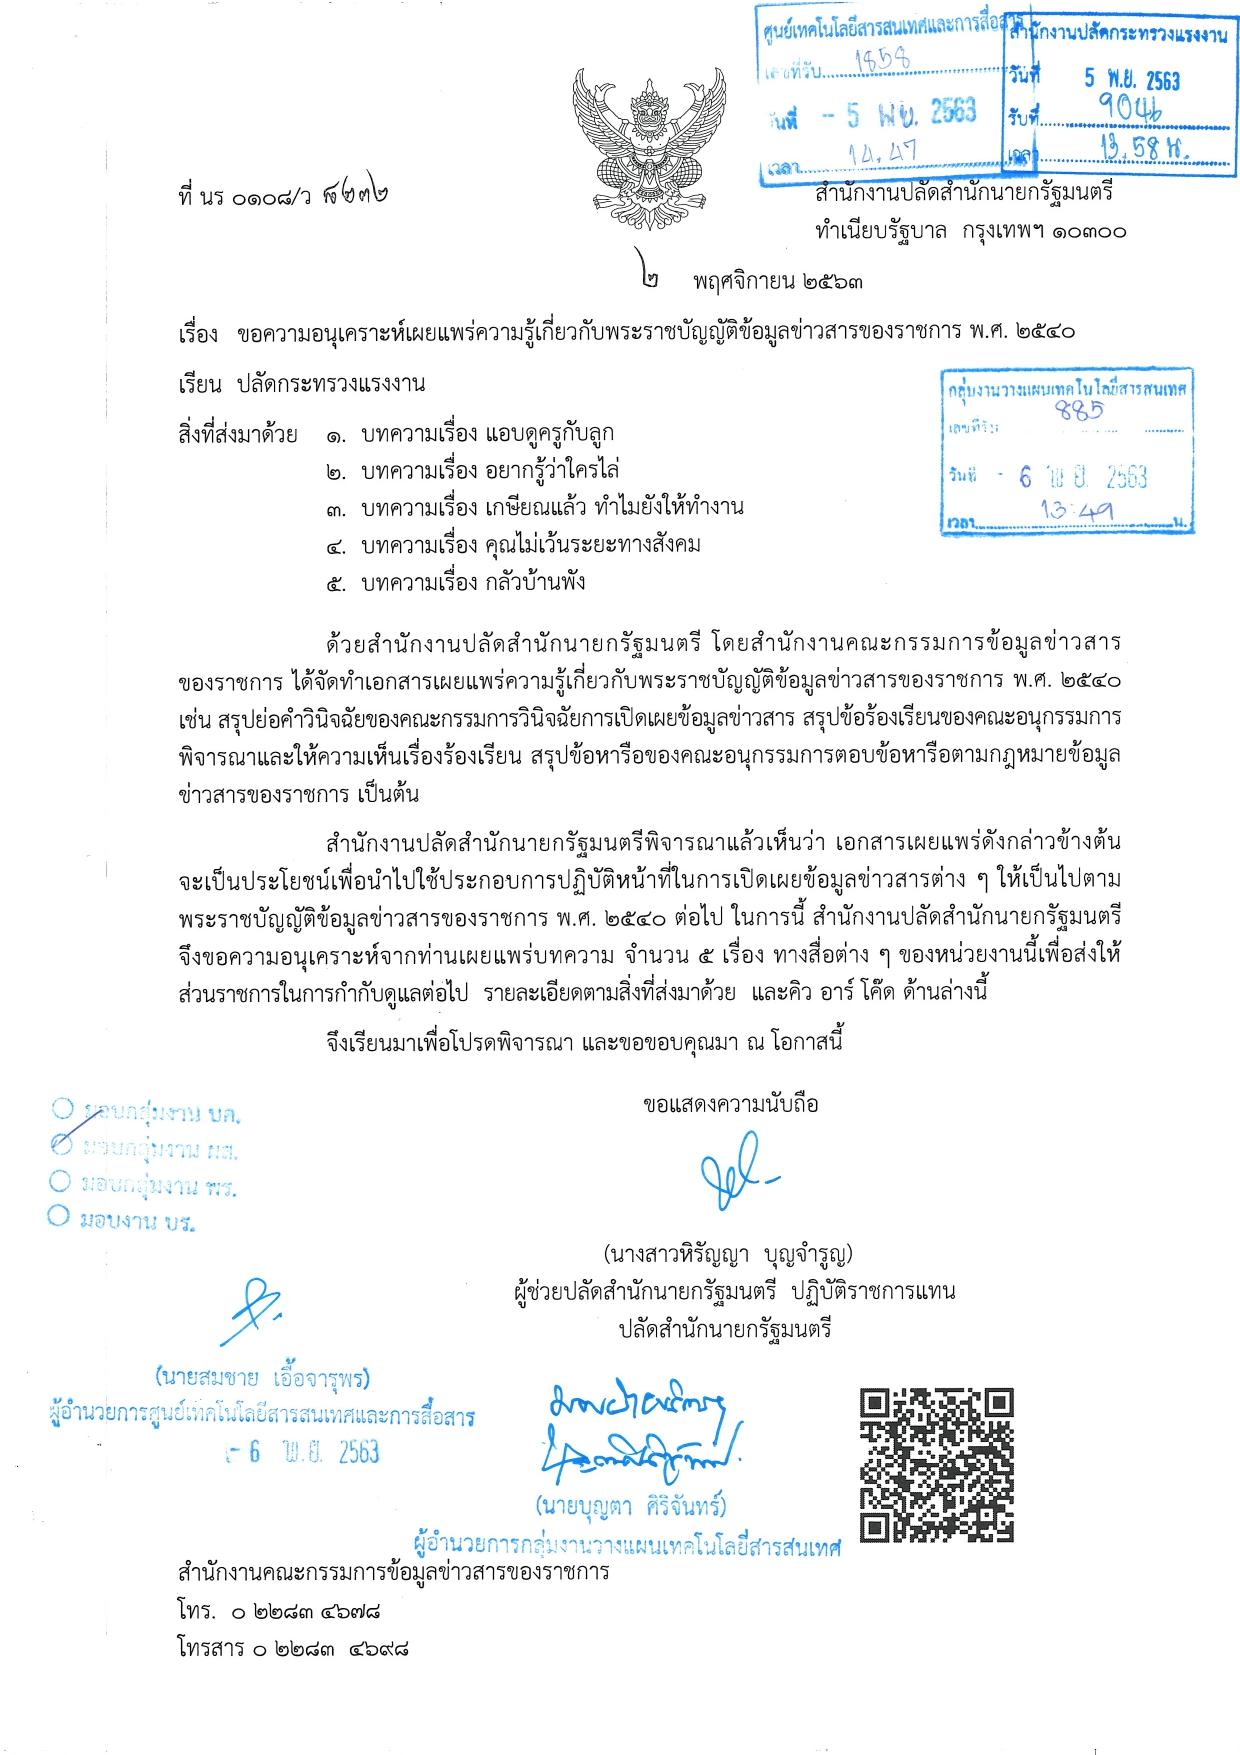 เผยแพร่ความรู้เกี่ยวกับพระราชบัญญัติข้อมูลข่าวสารของราชการ พ.ศ. 2540